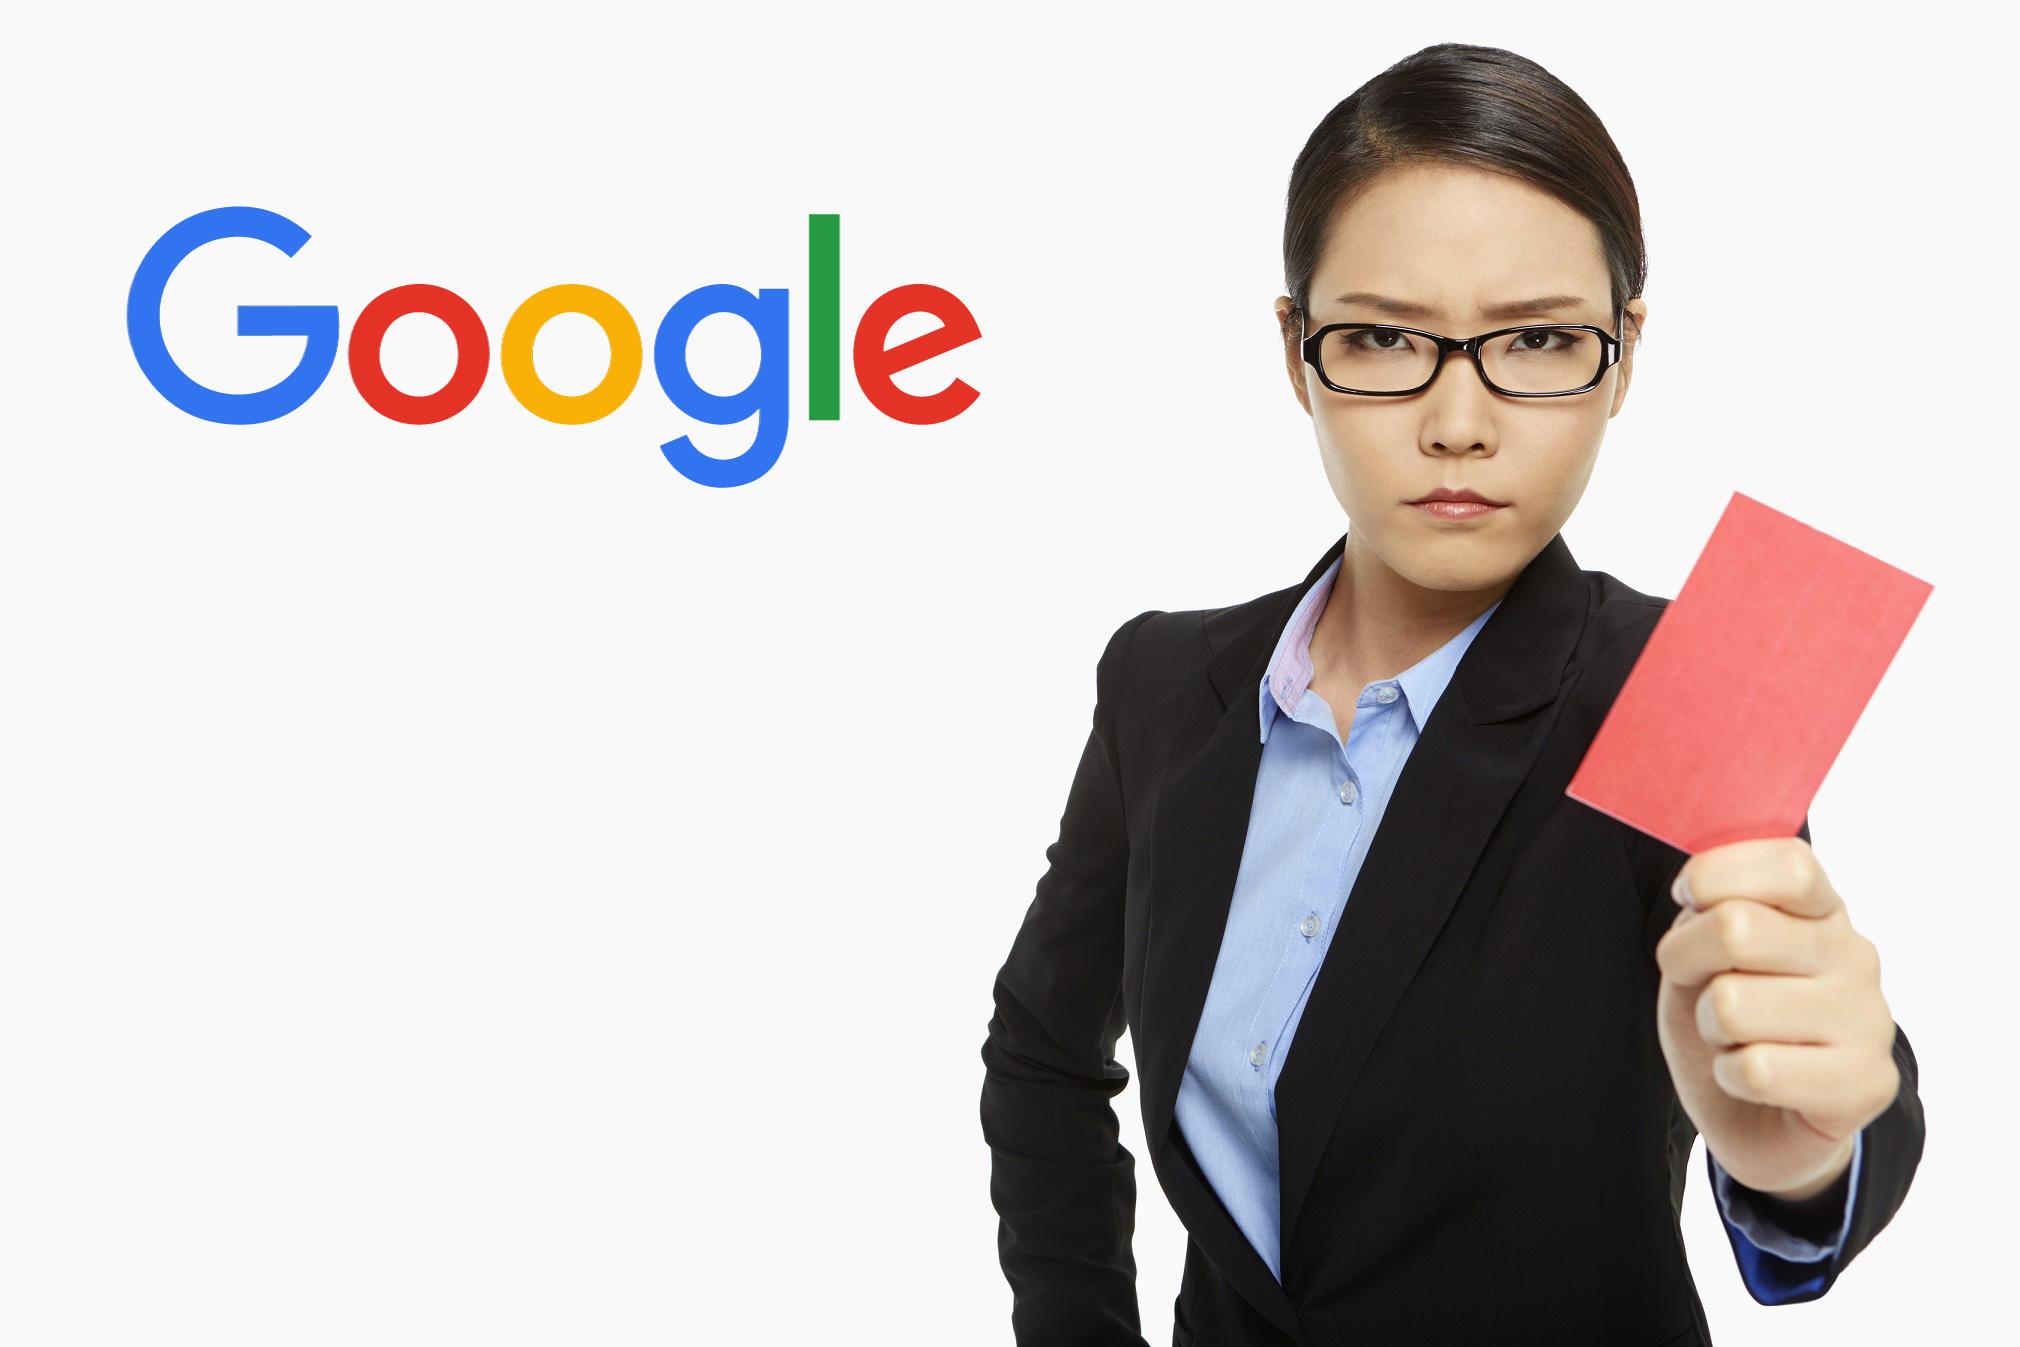 sortir un article de blog d une penalite google